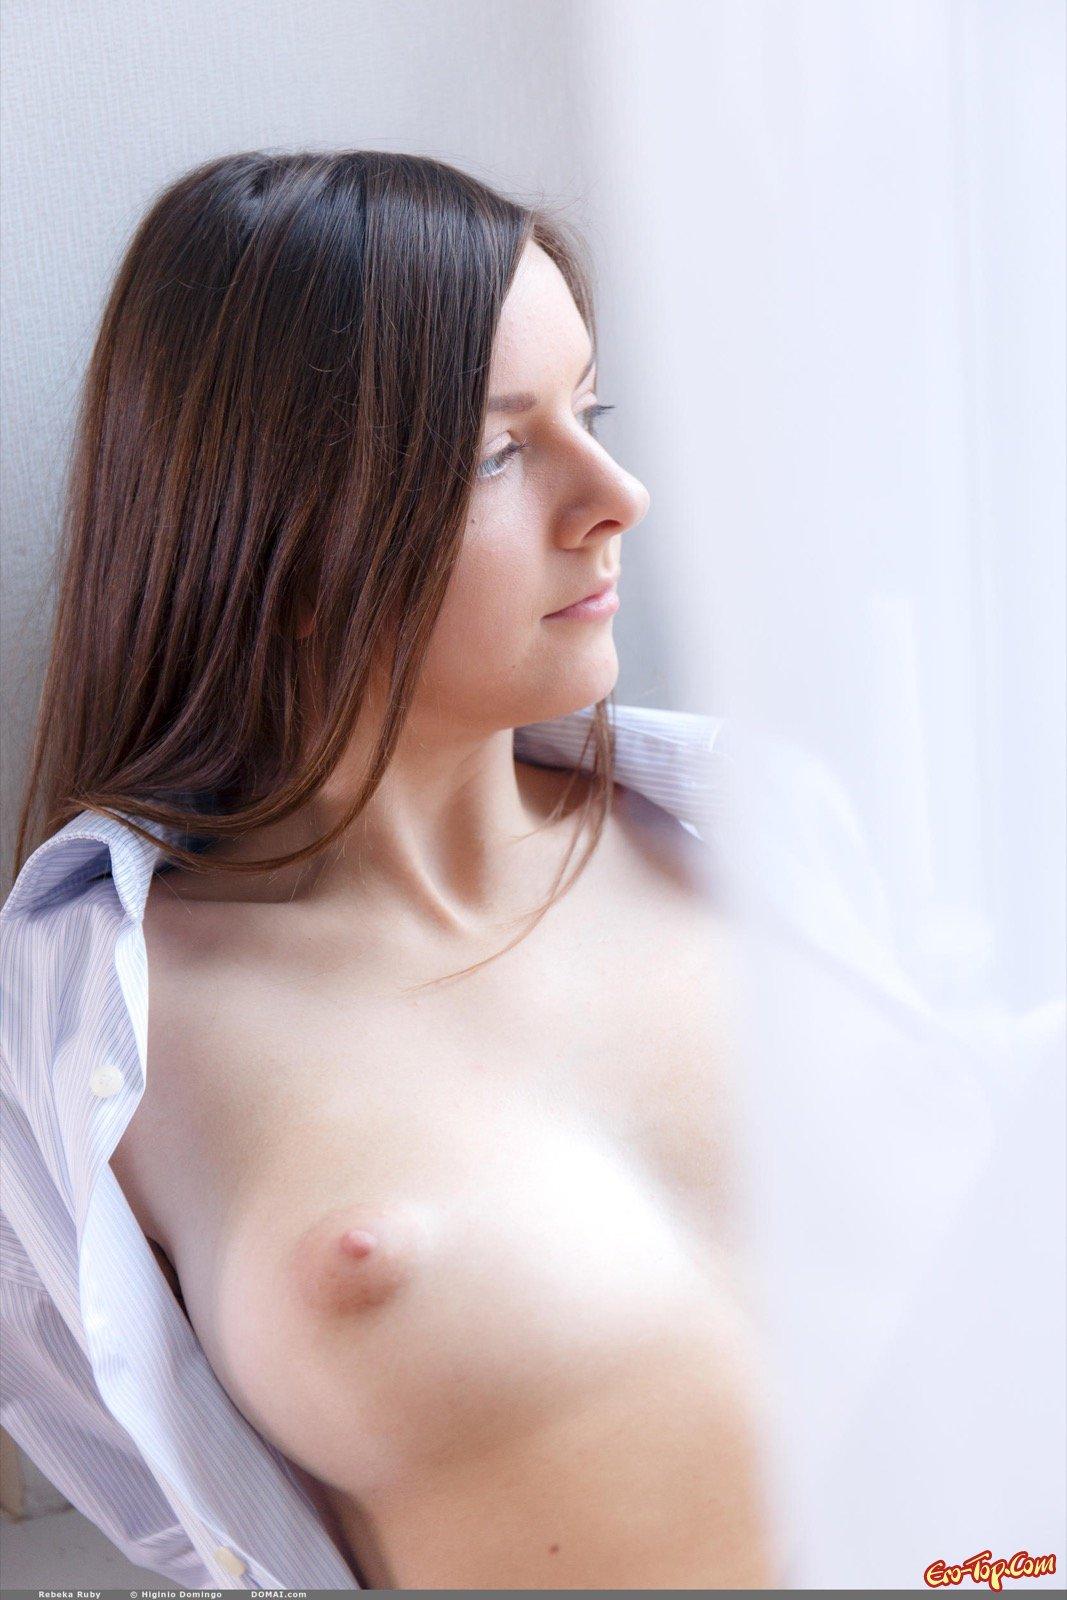 Нагая молоденькая woman в рубашке сидит рядом с окном